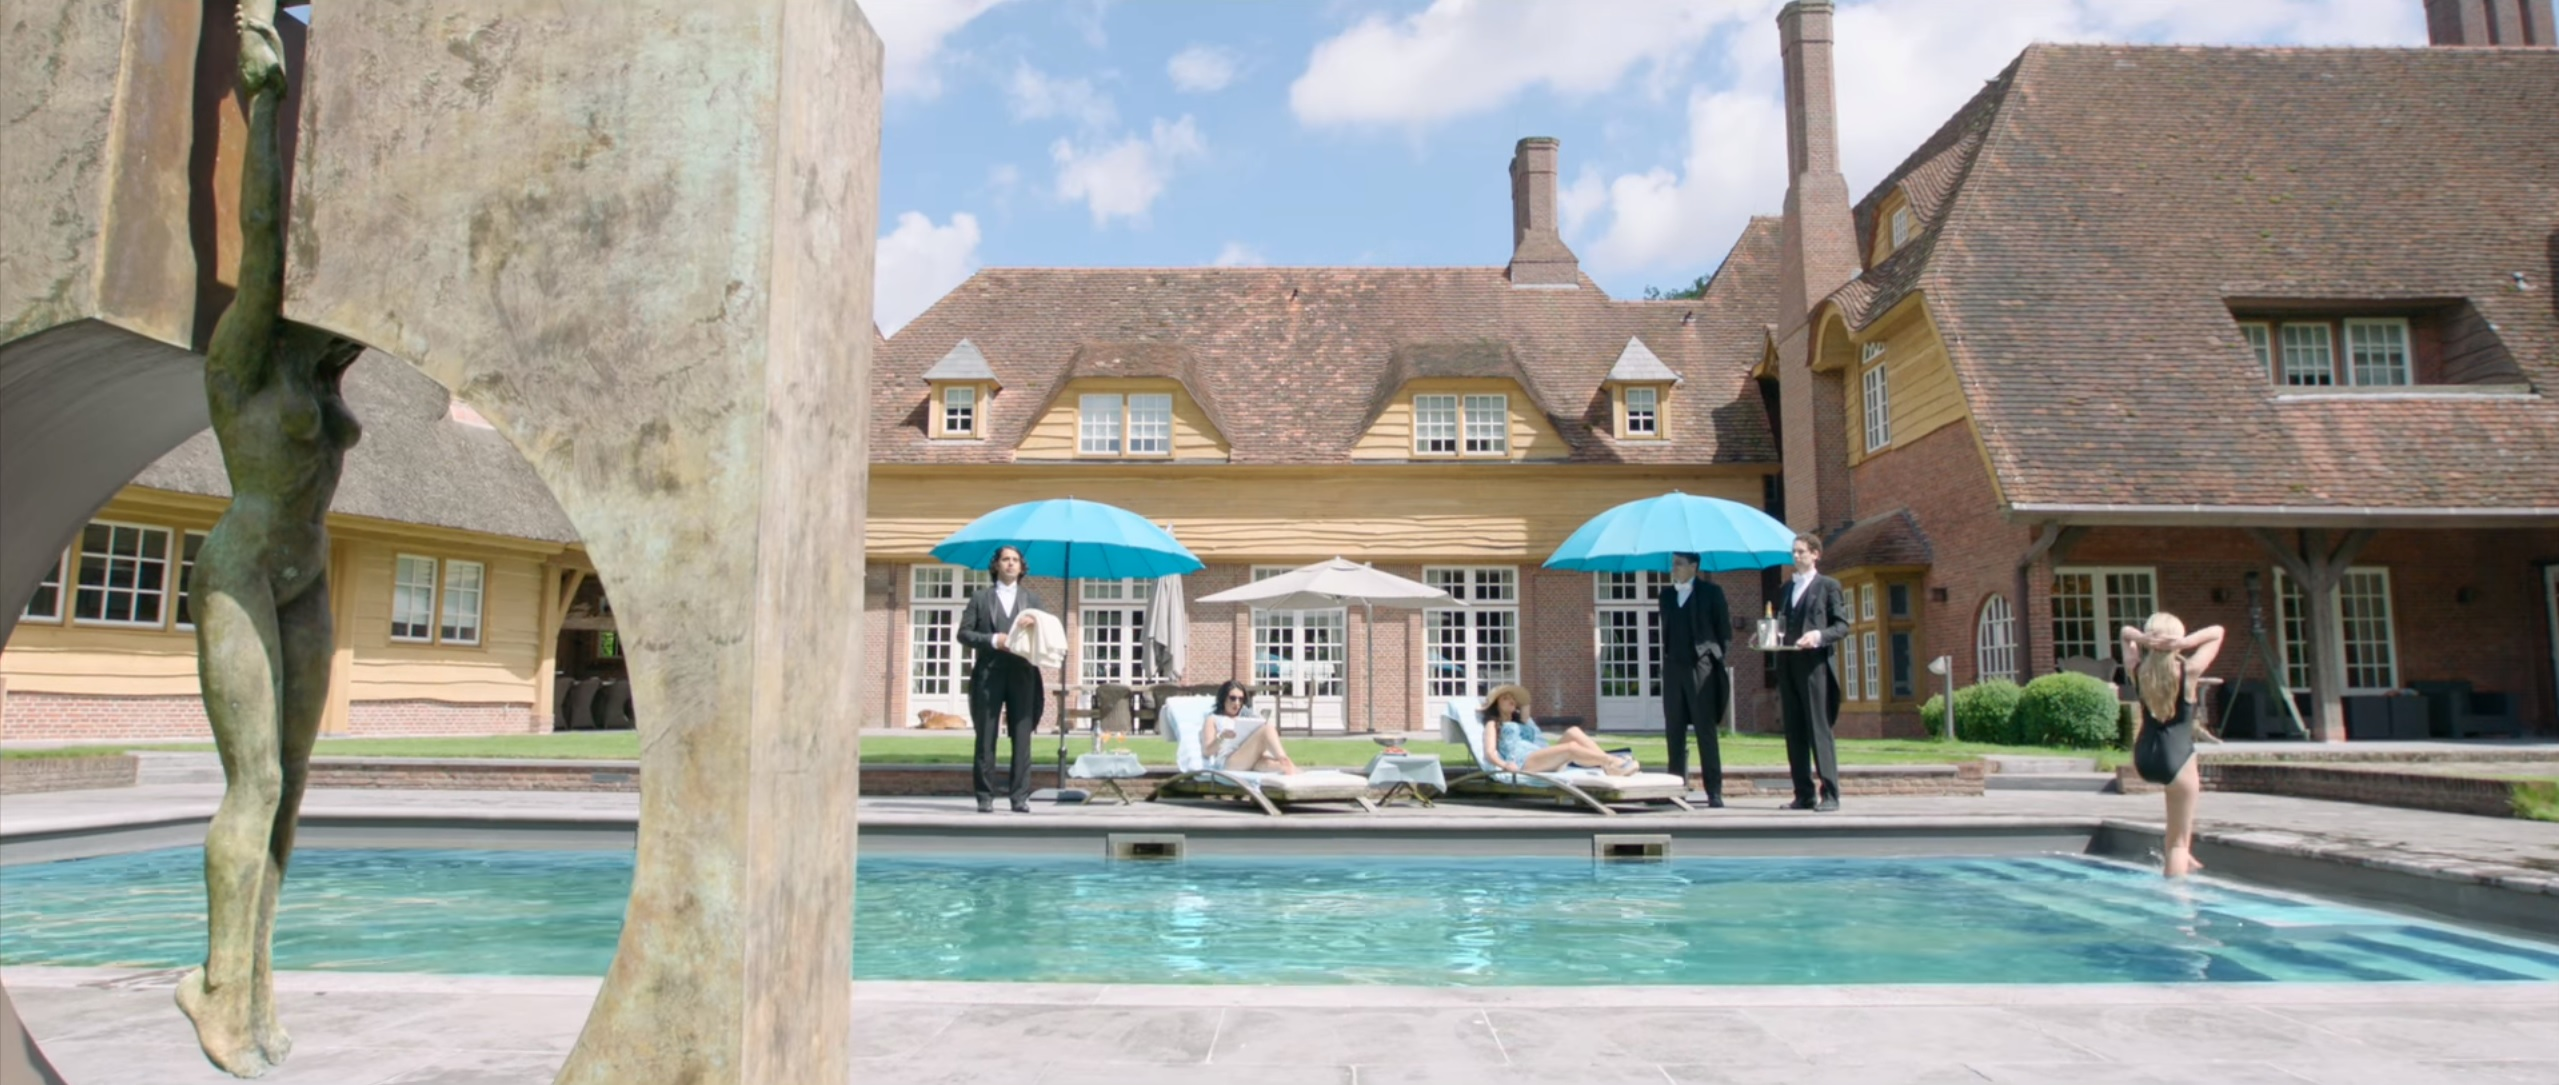 philips pool